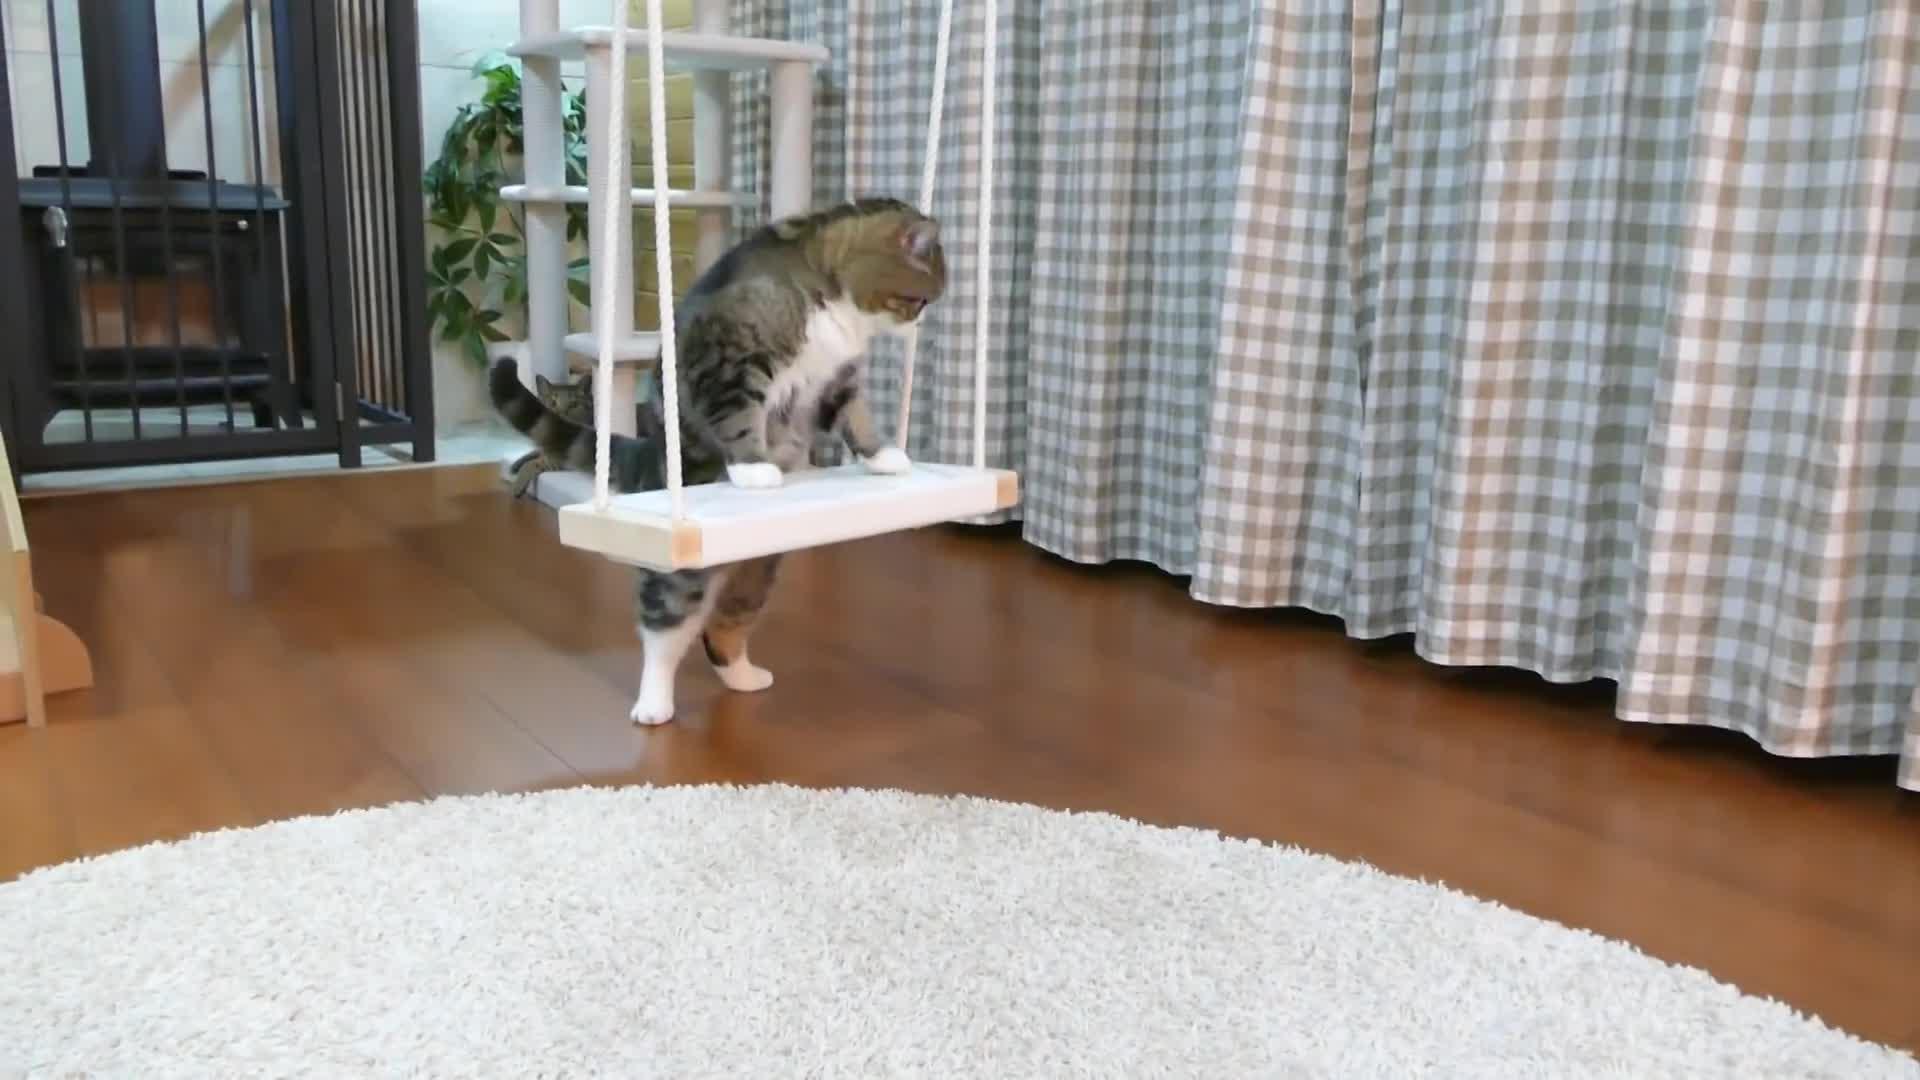 Maru, cat, kitten, kitty, maru, pets, ねこ, まる, 猫, ブランコとねこ。-Swing and Maru.- GIFs